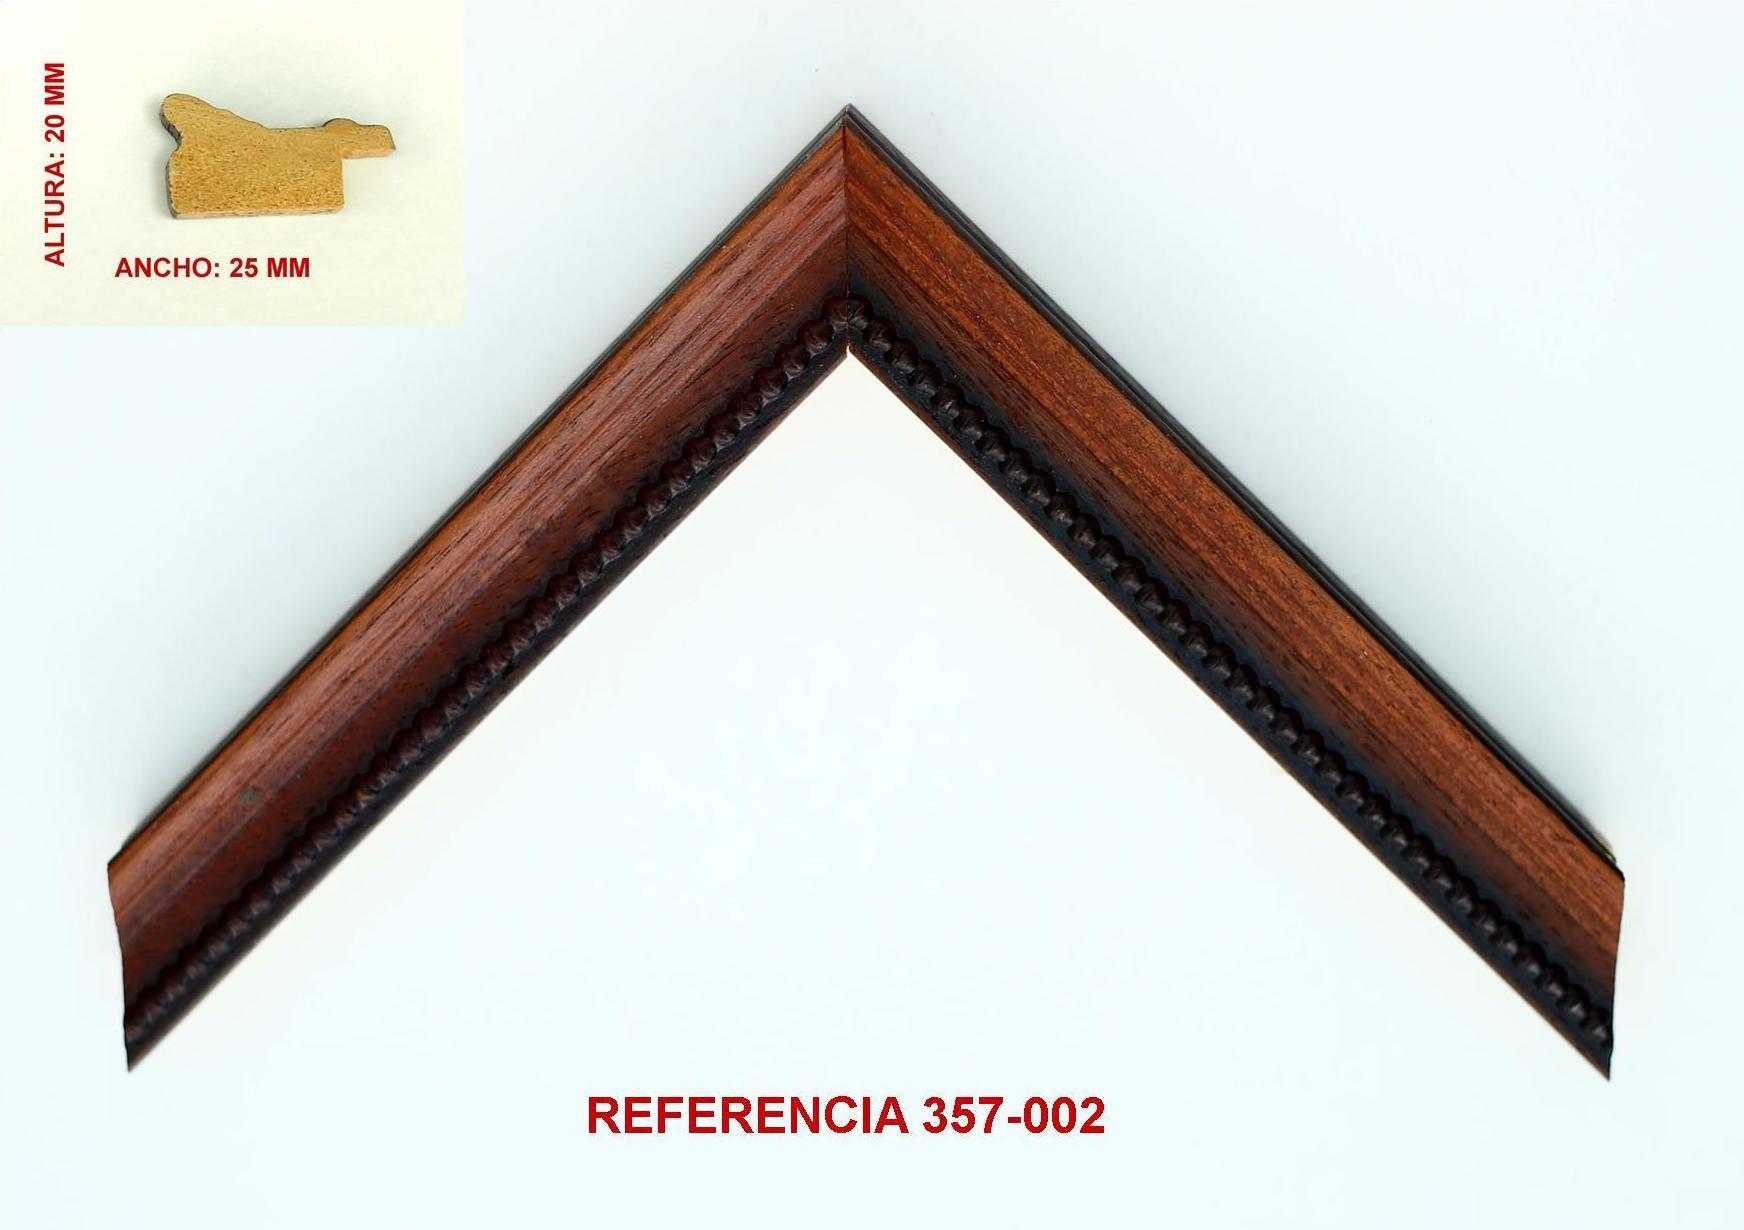 REF 357-002: Muestrario de Moldusevilla